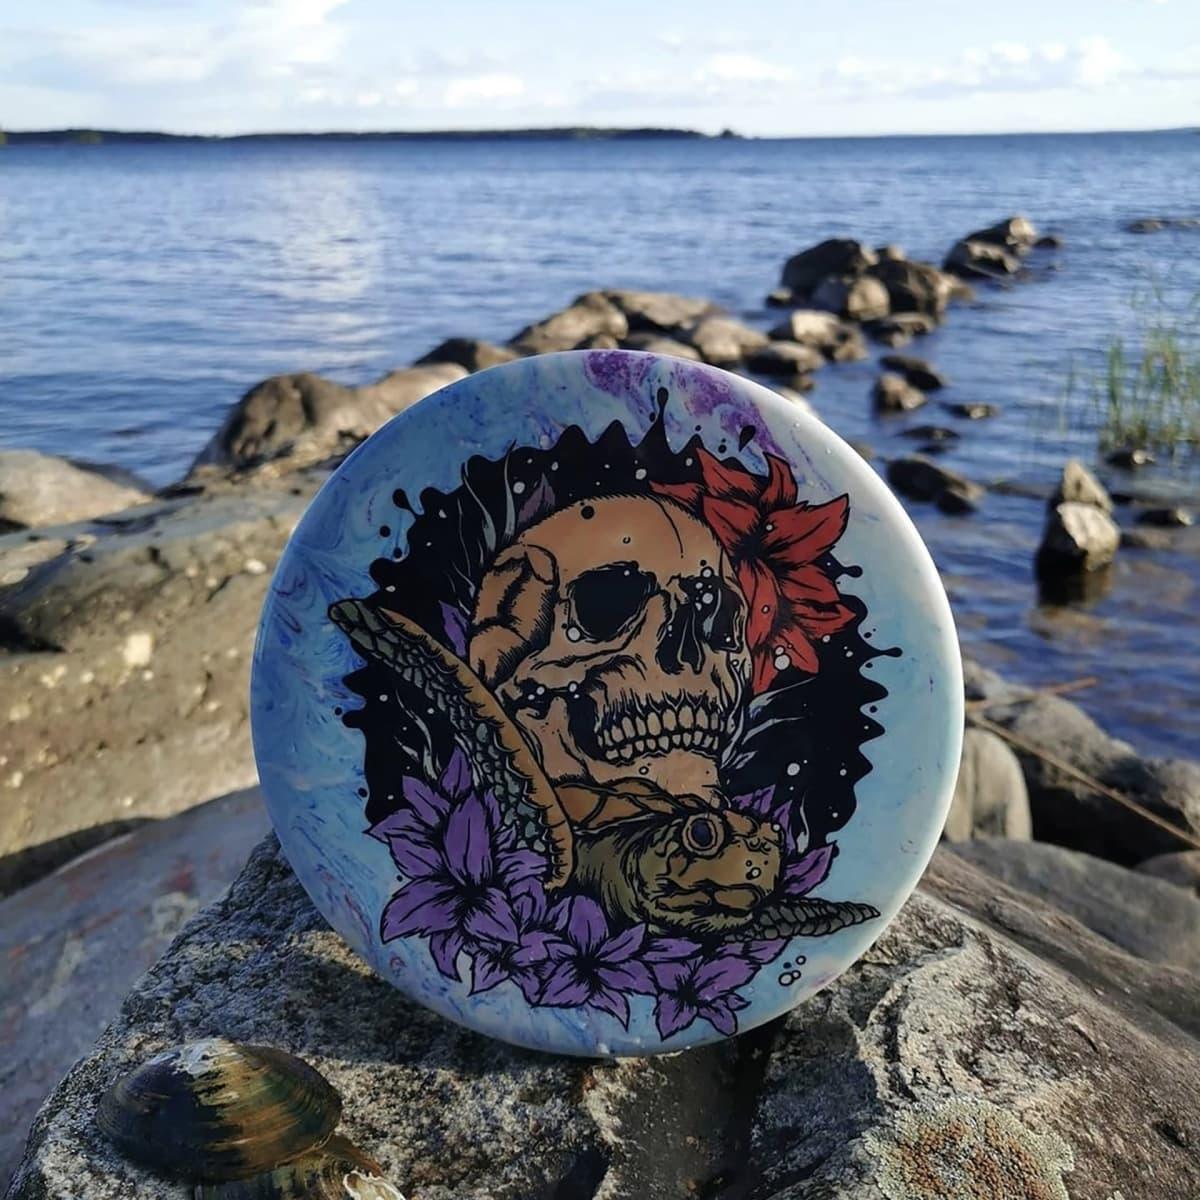 Pääkallokuviolla maalattu liitokiekko rantakivellä, taustalla merimaisemaa.